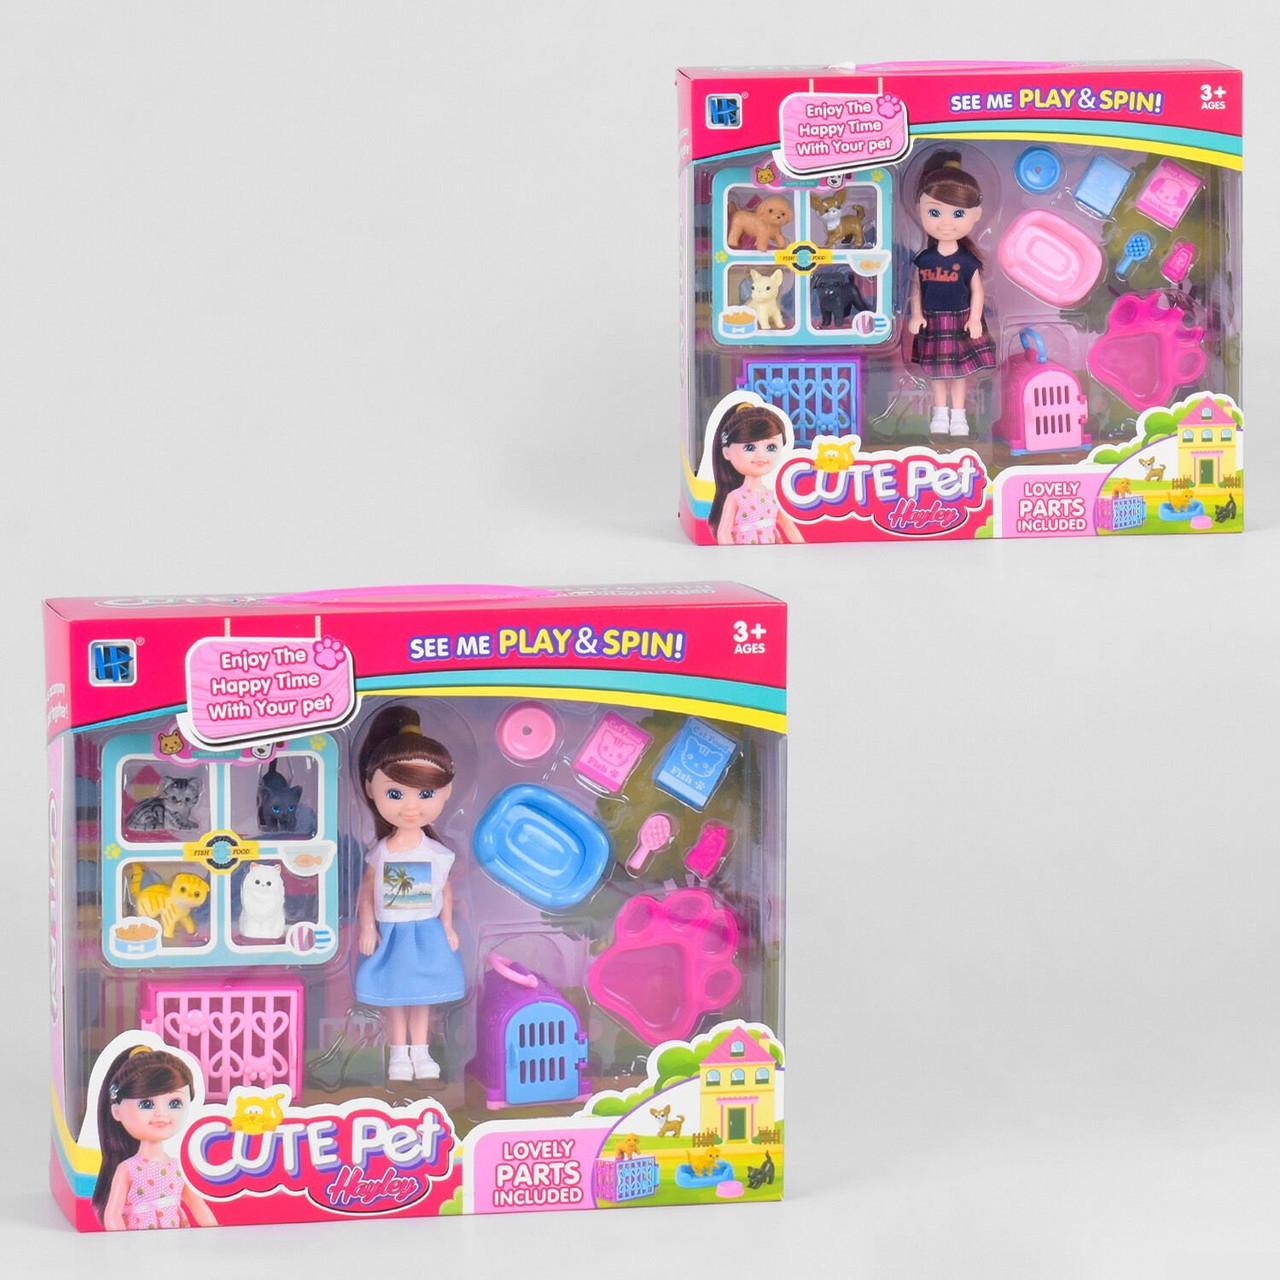 Лялька з аксесуарами HB 038, 4 вихованця. Лялька для дівчаток